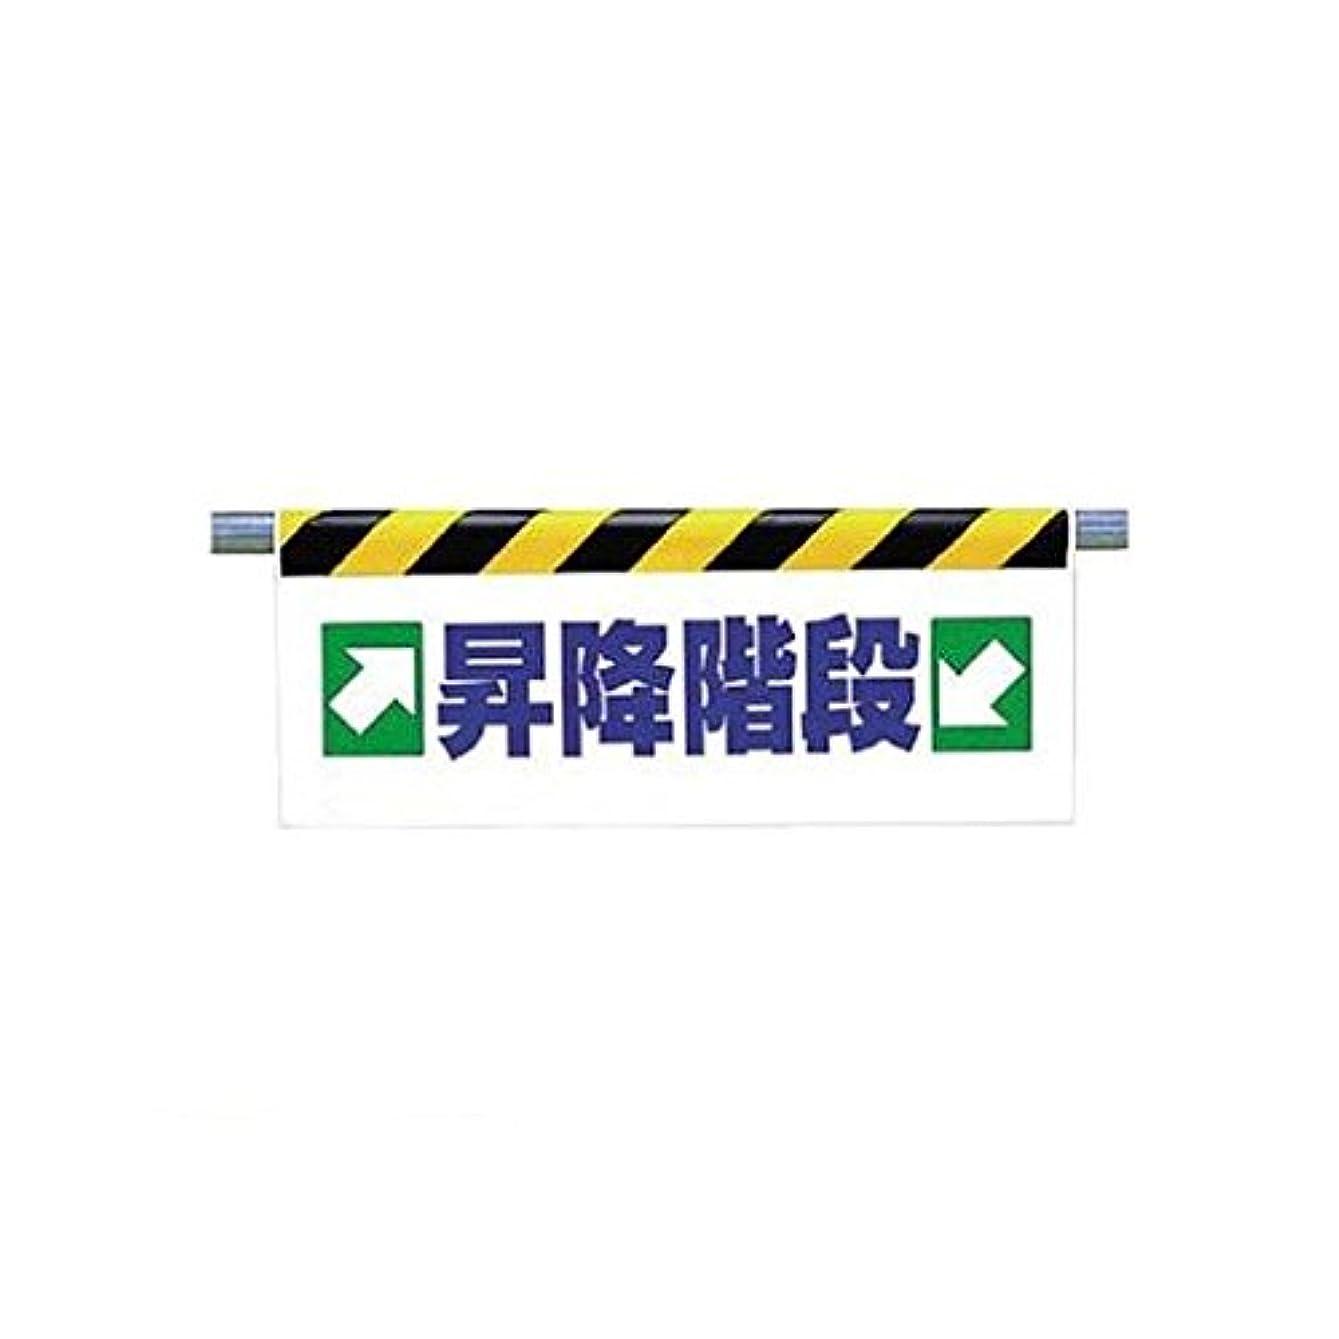 ウッズ聞きます徹底的にHN85884 ワンタッチ取付標識 →昇降階段← ターポリン 500×900